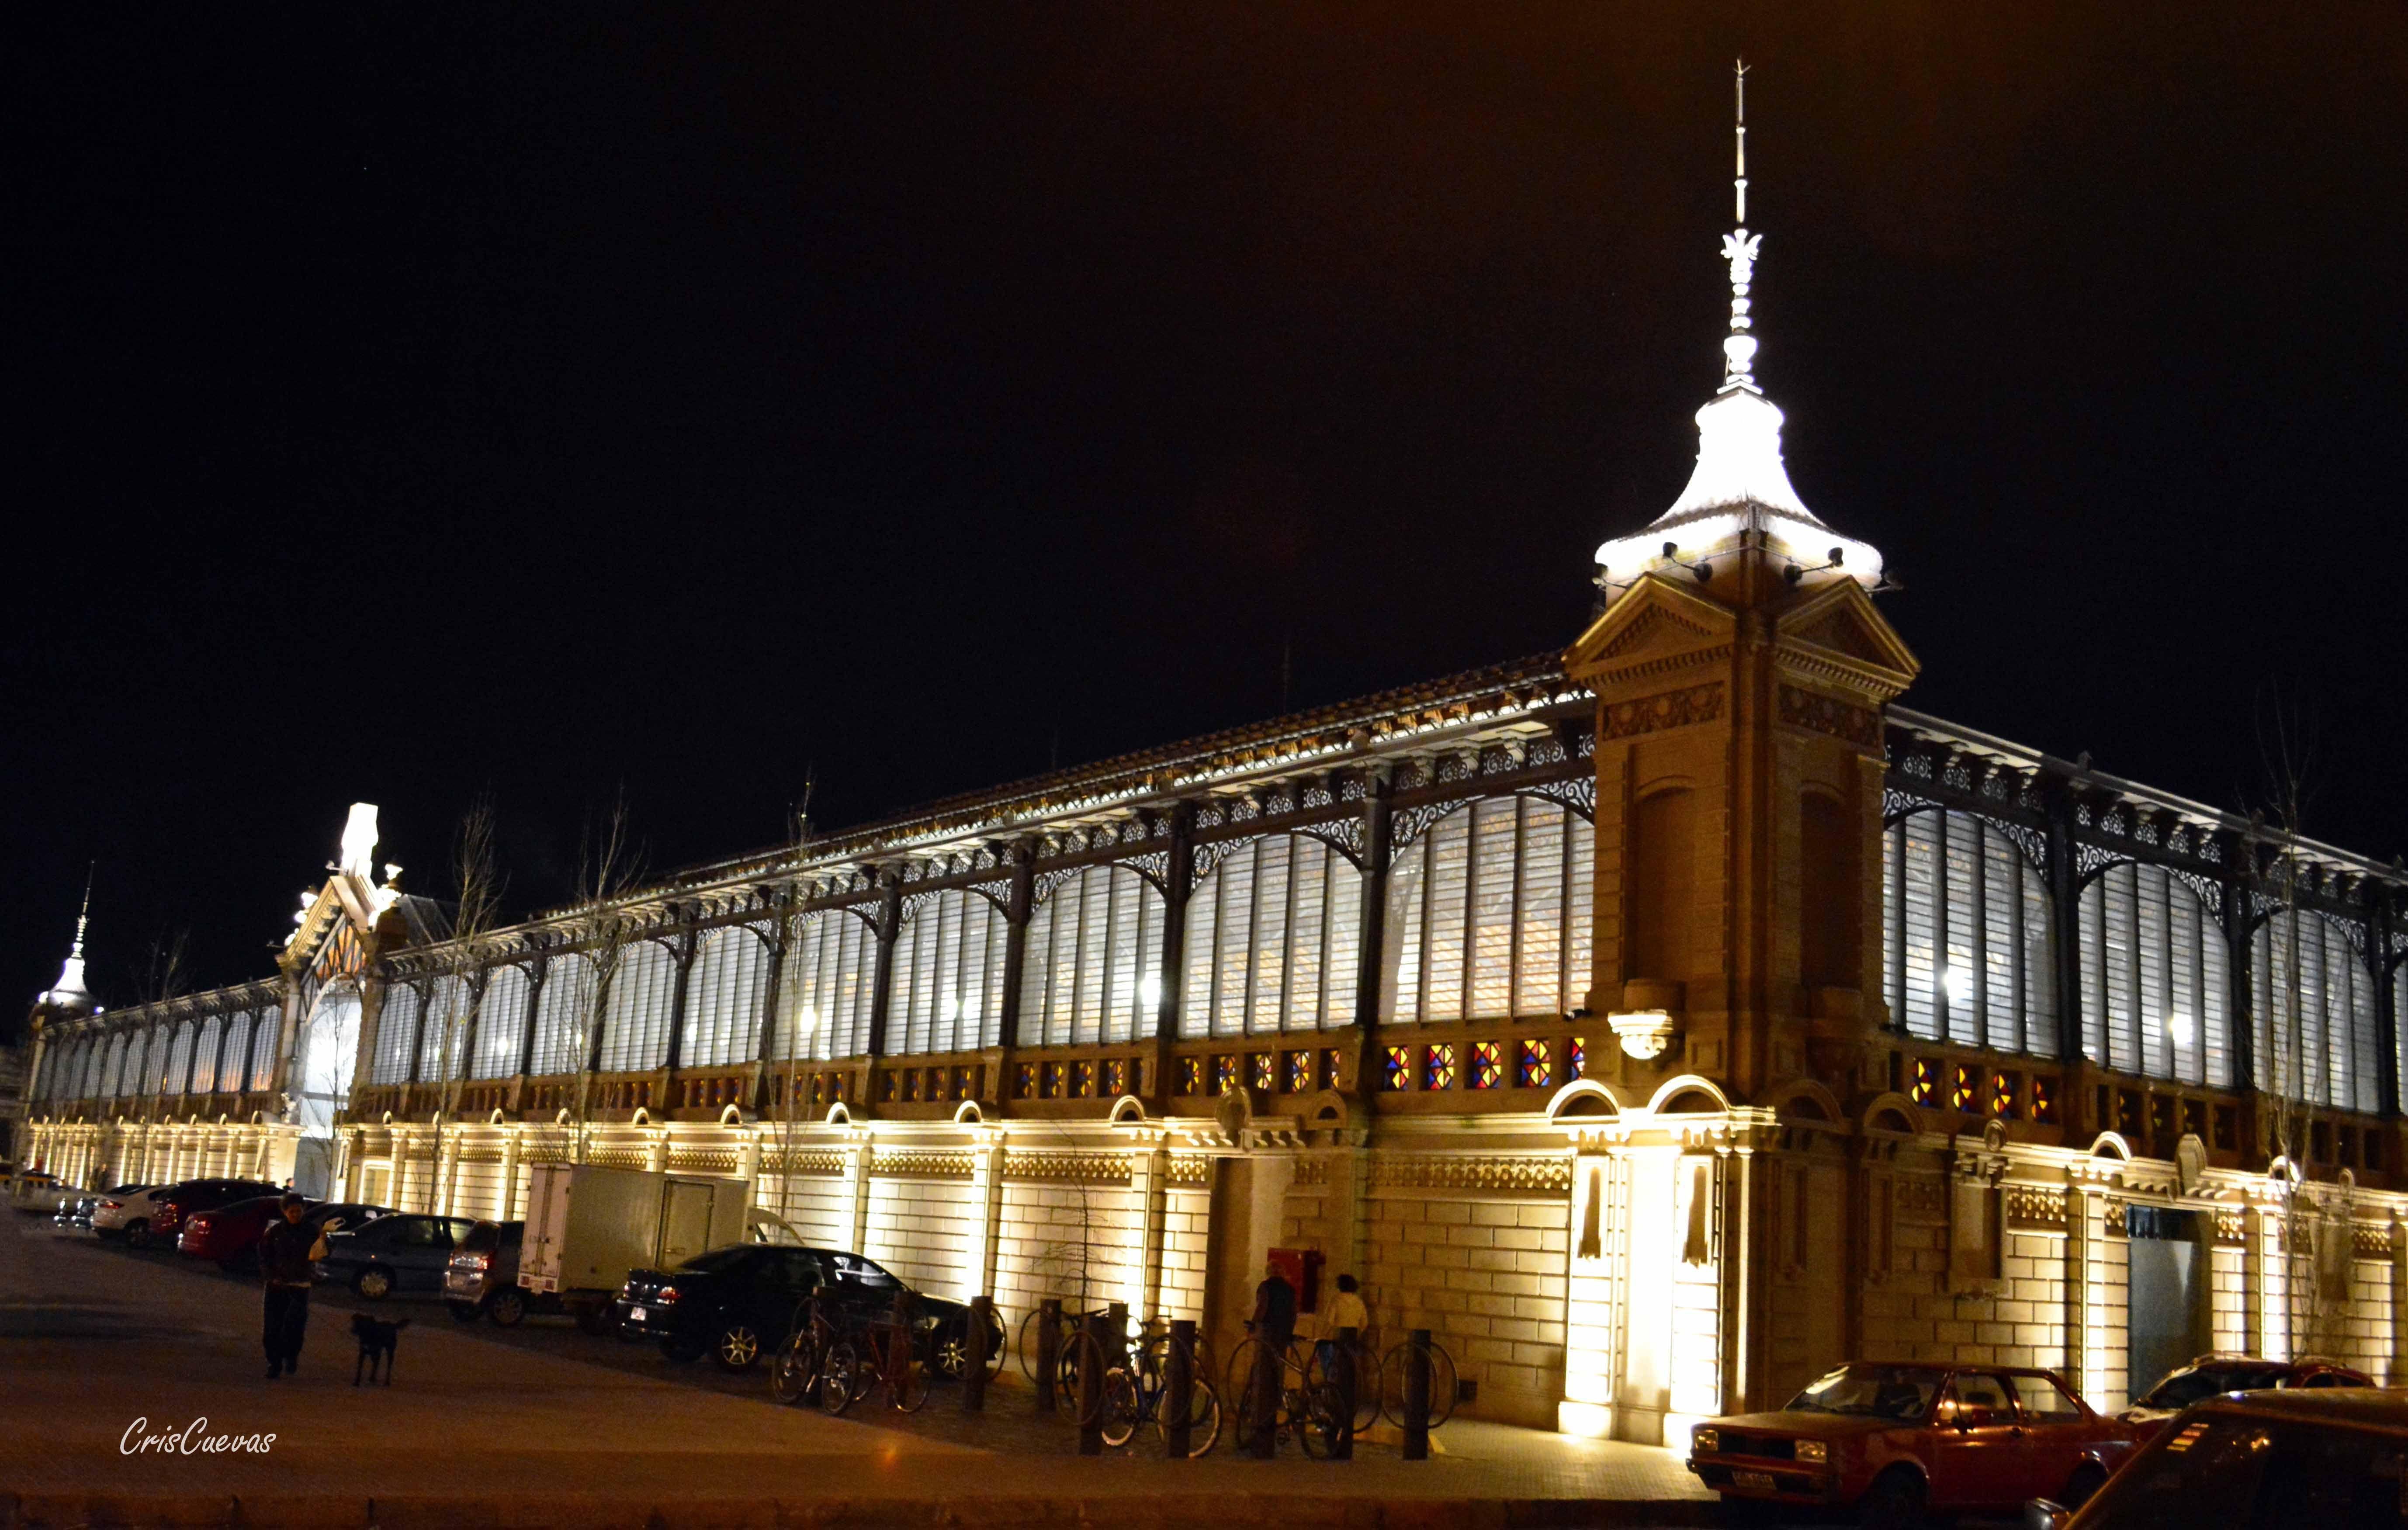 Mercado Agrícola de Montevideo en la noche.